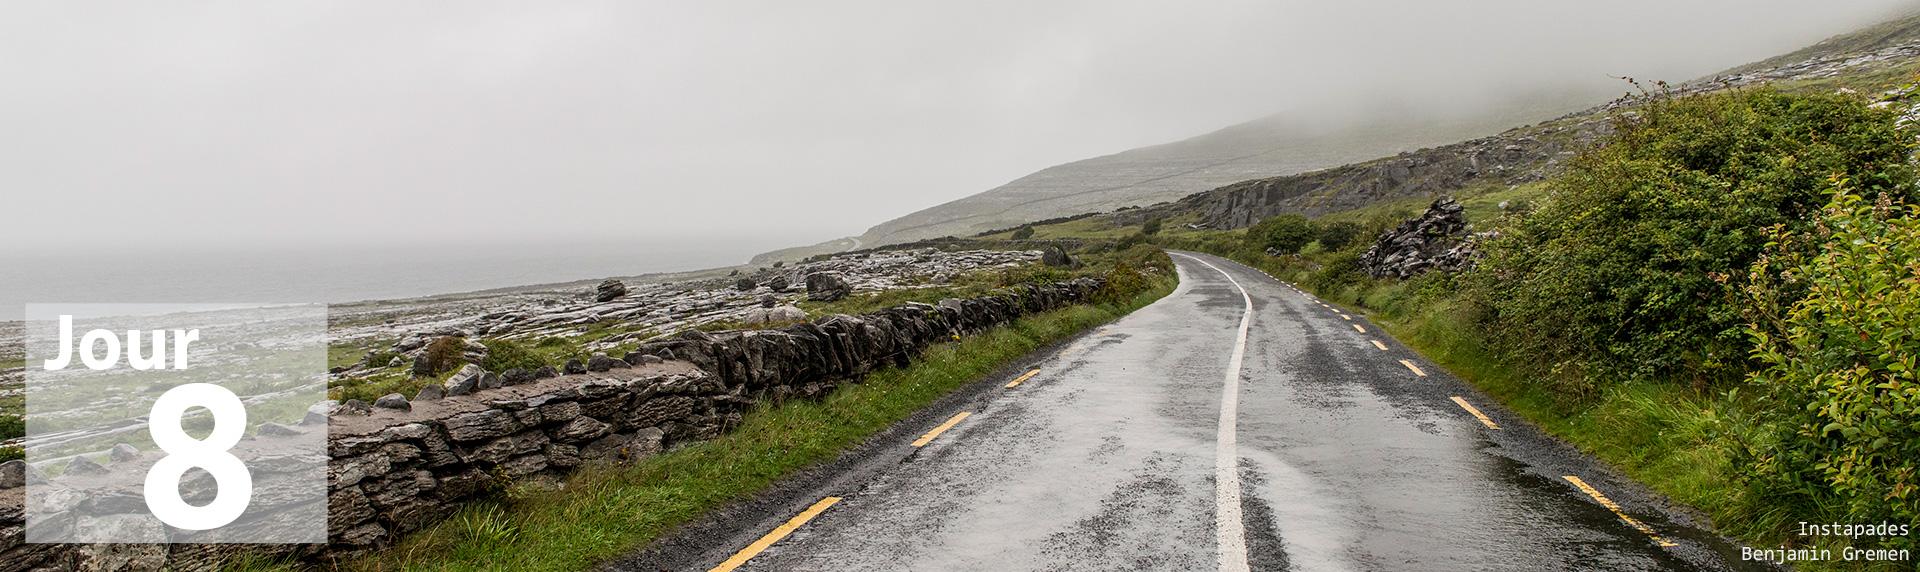 w_irlande_j8